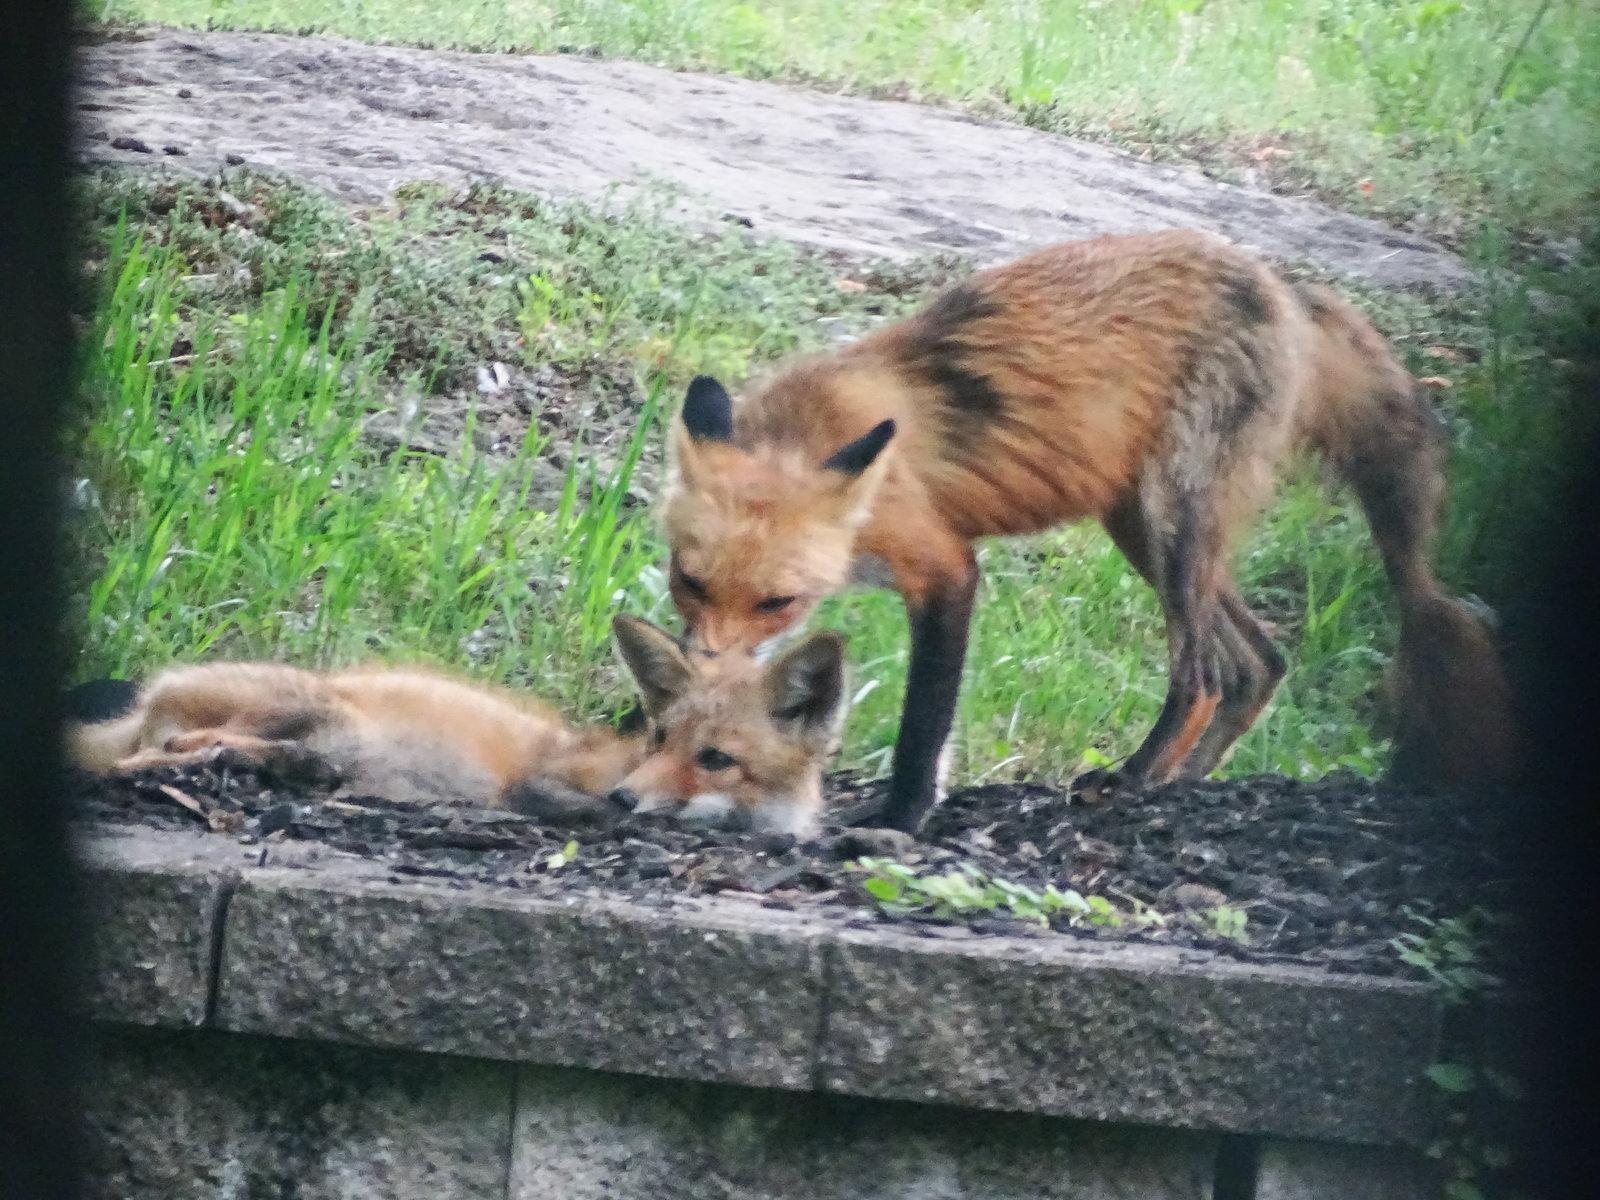 HX400V foxes playing 005.JPG